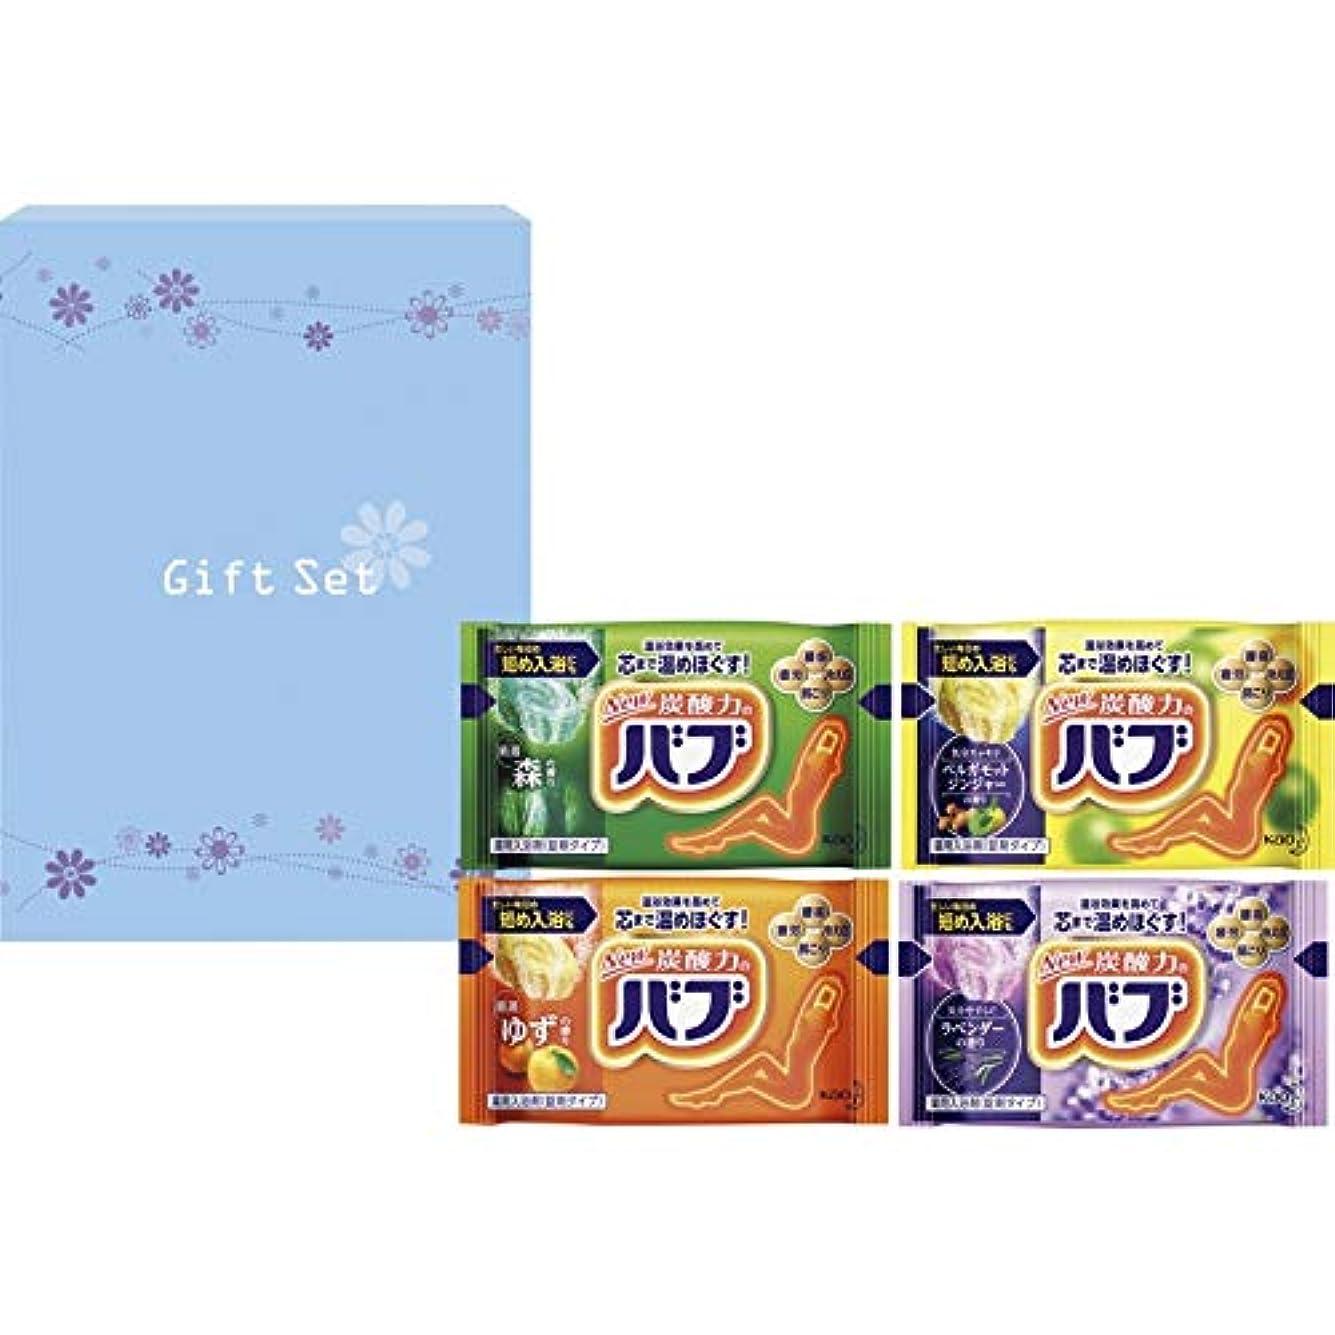 バブ4錠 BB-4N 【詰合せ 入浴 プチギフト 手軽 粗品 記念品 花王 血行促進 炭酸 泡 風呂】